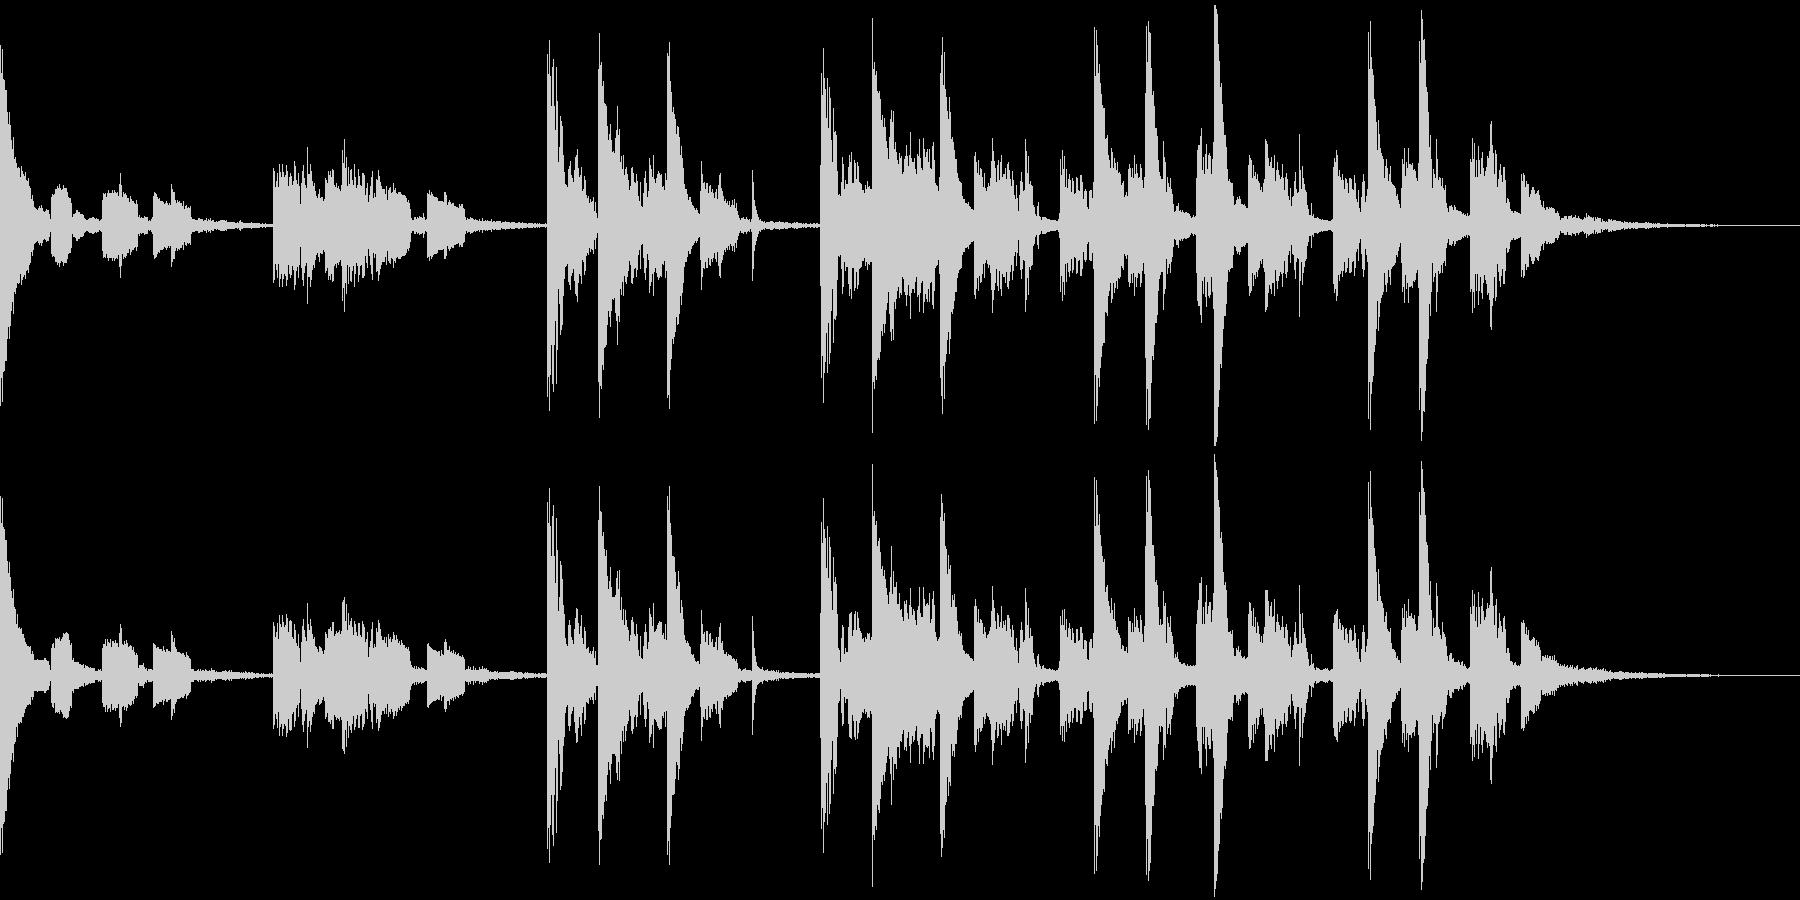 ジャズテイストのテクノBGMの未再生の波形